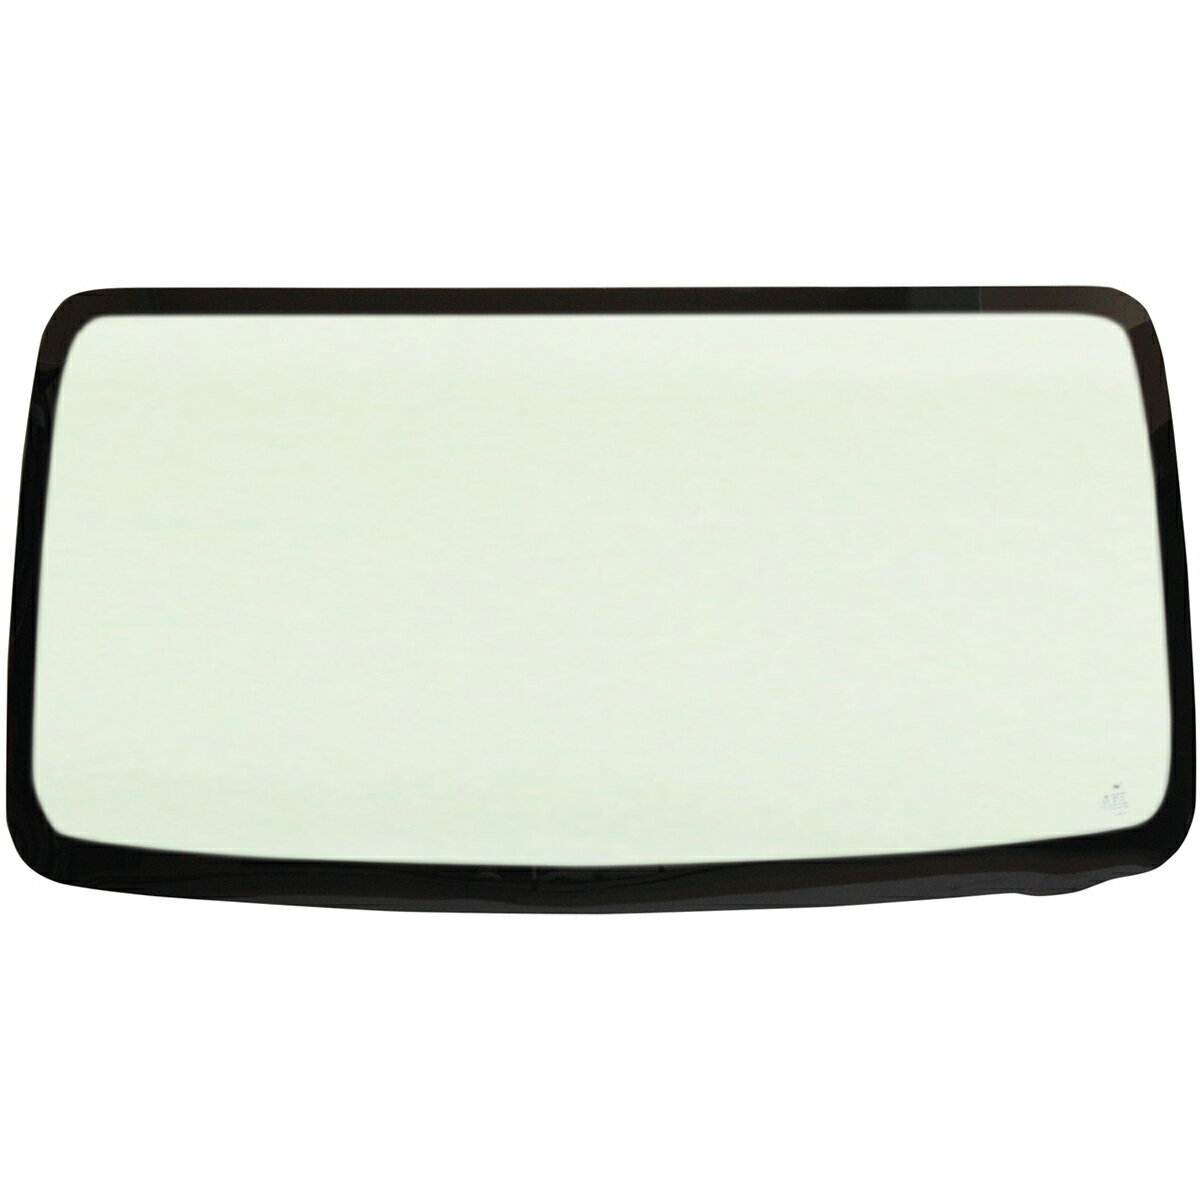 スズキ カルタス 5D HB用フロントガラス 車両型式:AB34/44系 年式:S.63.9-H.7.1 ガラス型式:Y9F ガラス色:グリーン